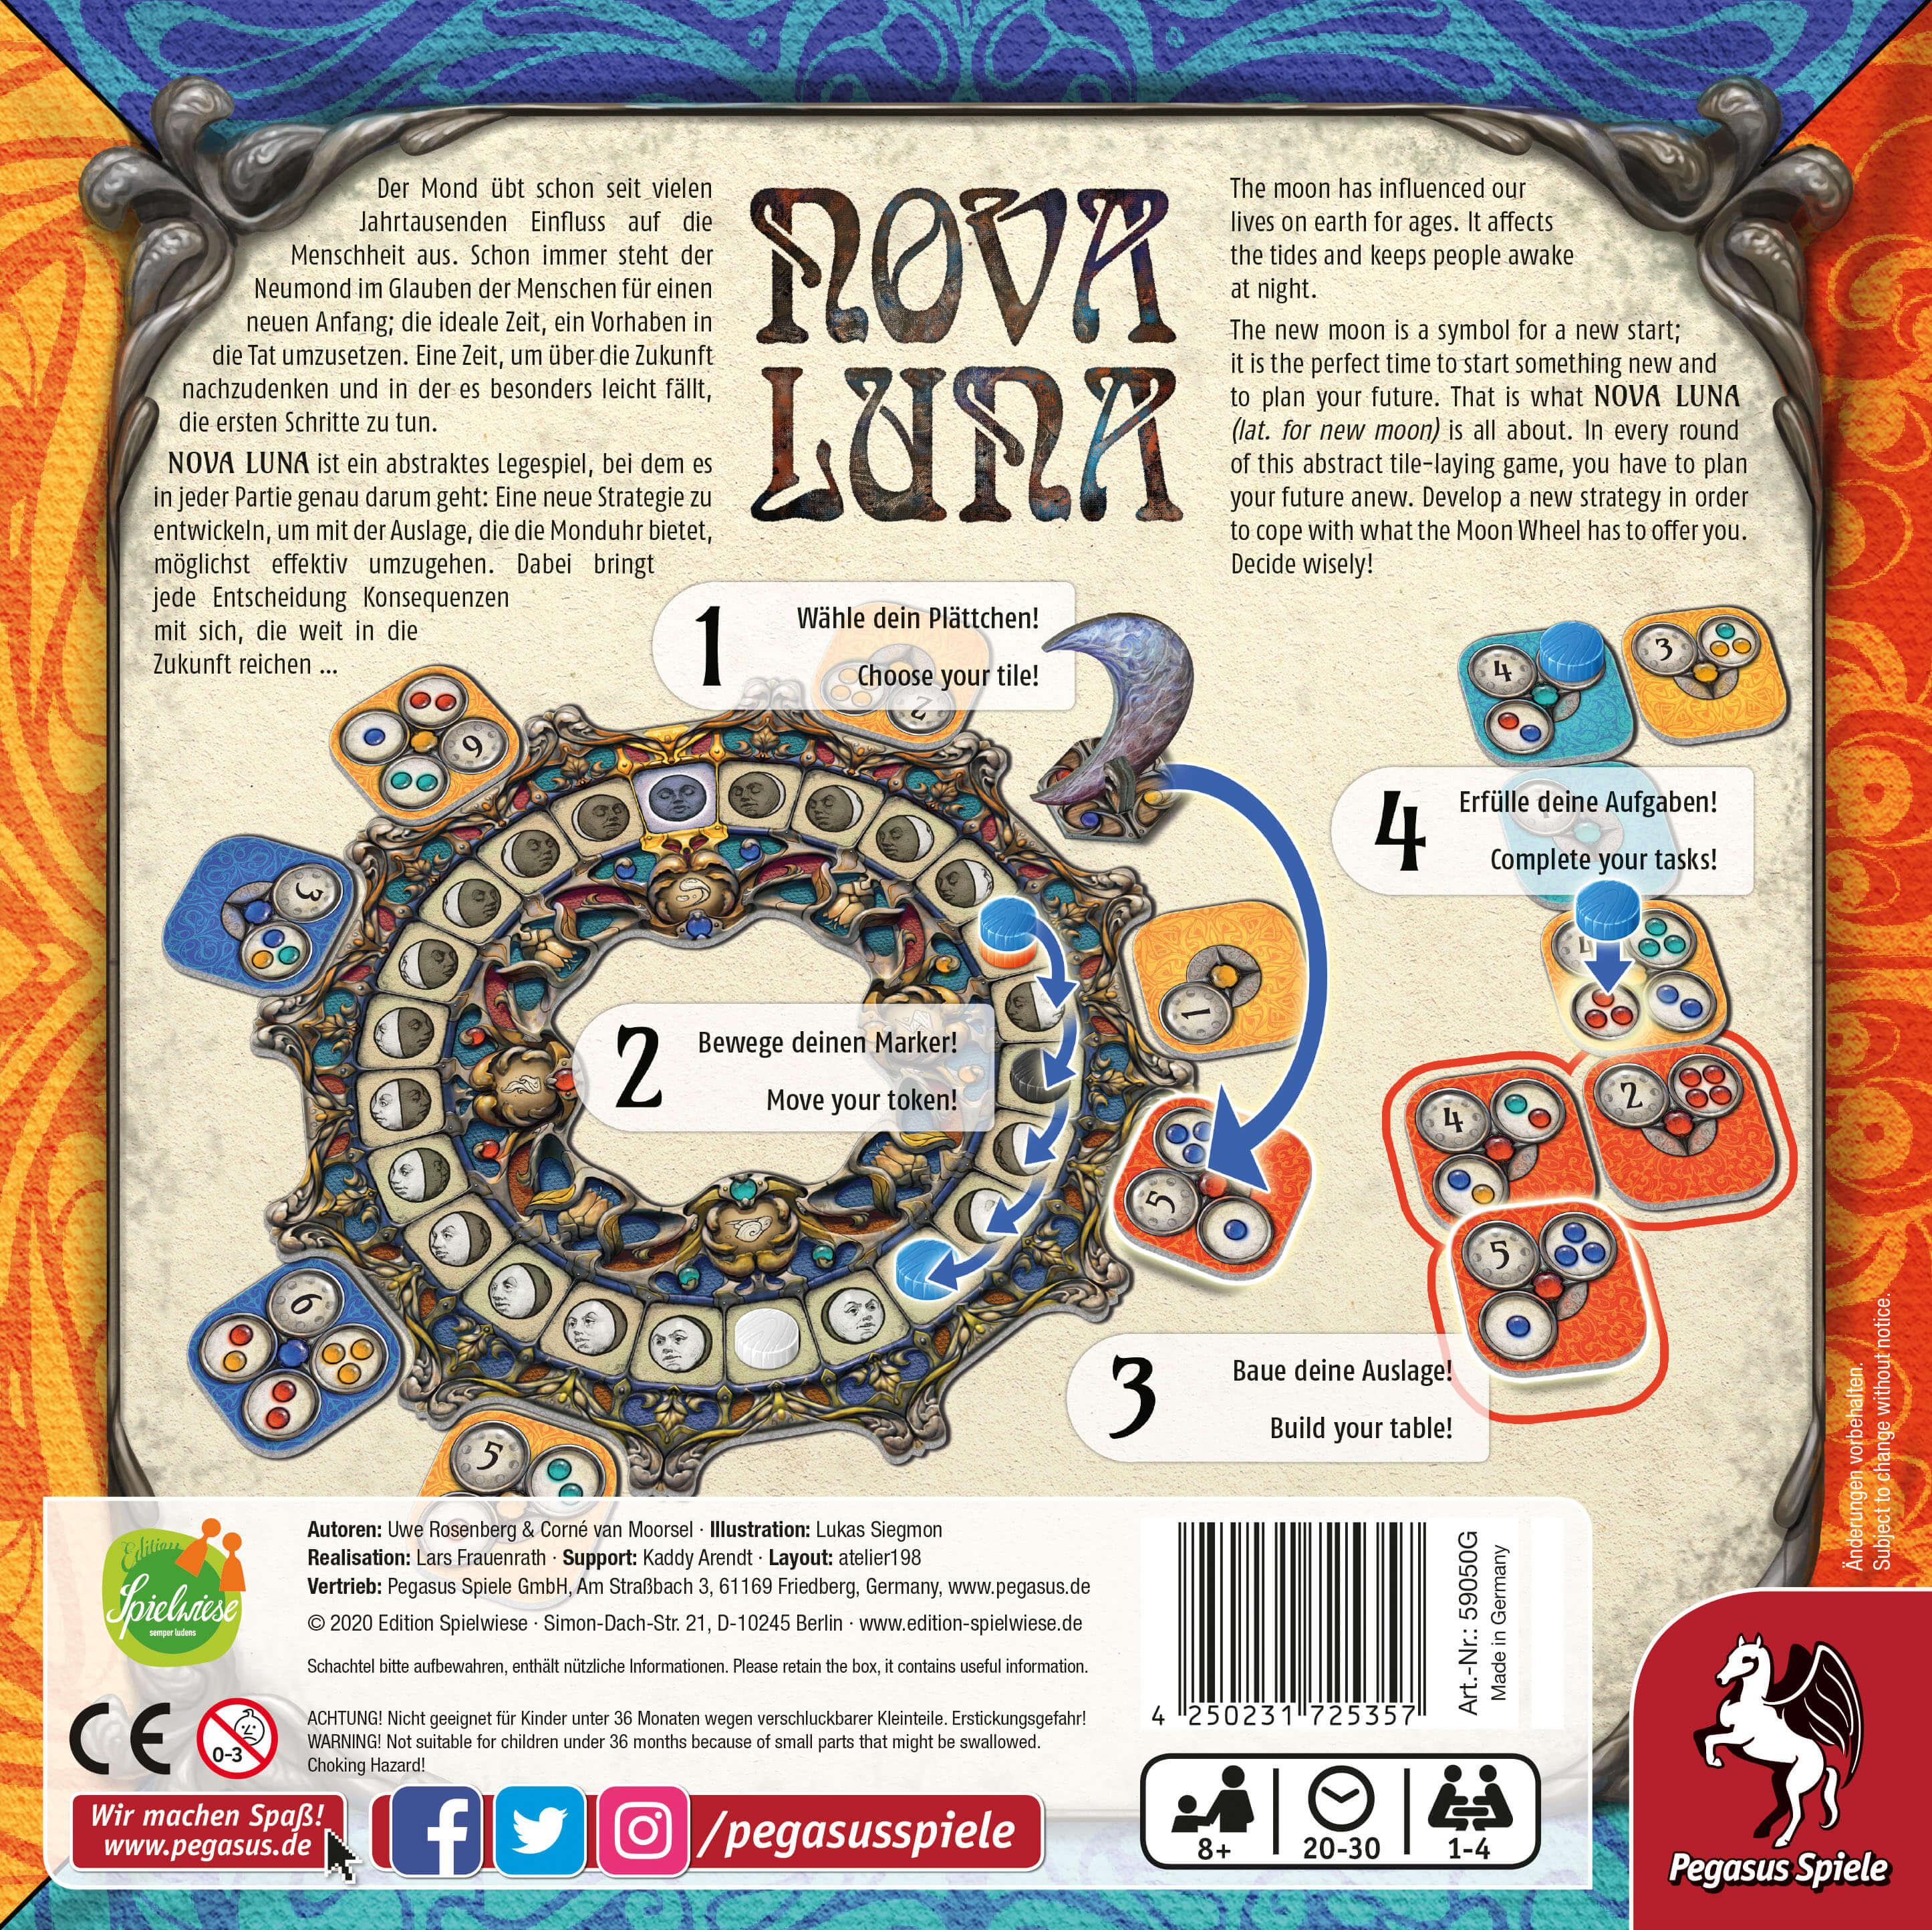 Schachtel Rückseite - Das familienfreundliche Legespiel- Nova Luna